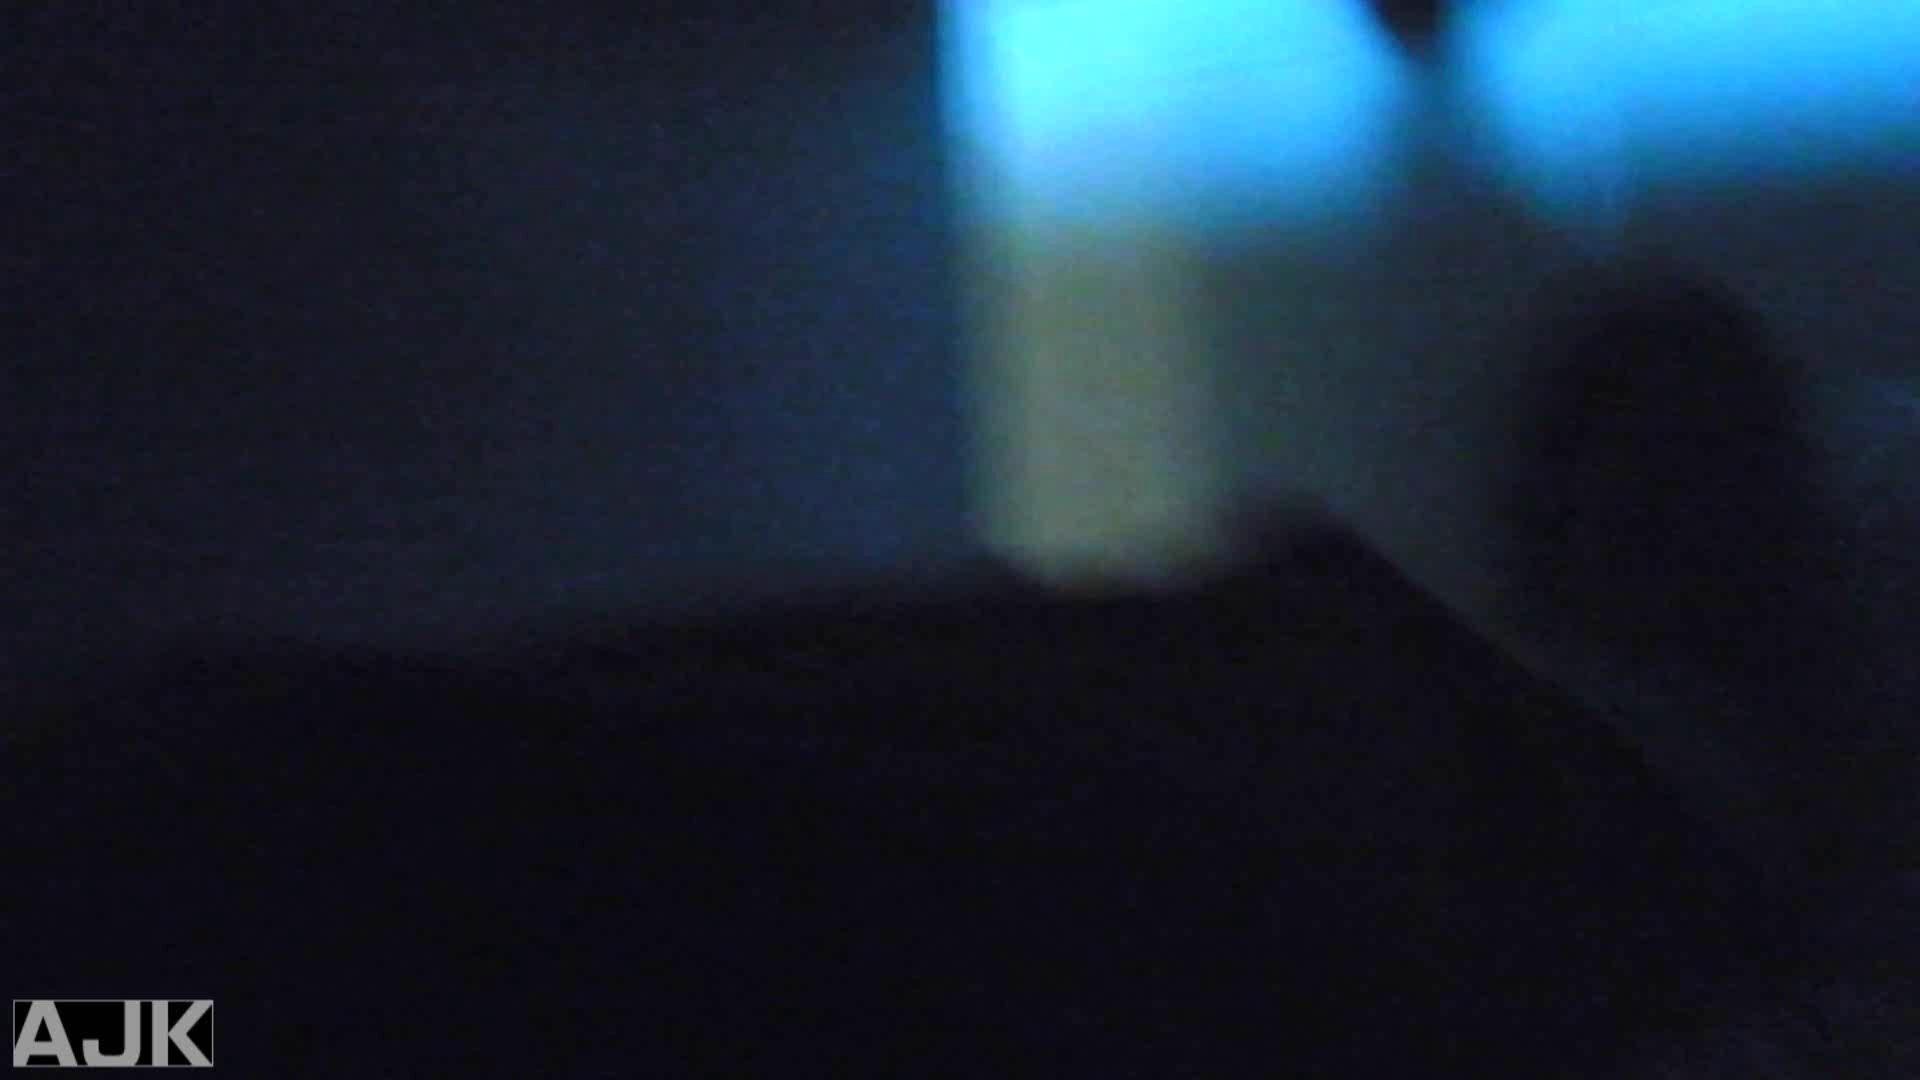 神降臨!史上最強の潜入かわや! vol.17 無修正オマンコ われめAV動画紹介 94画像 13